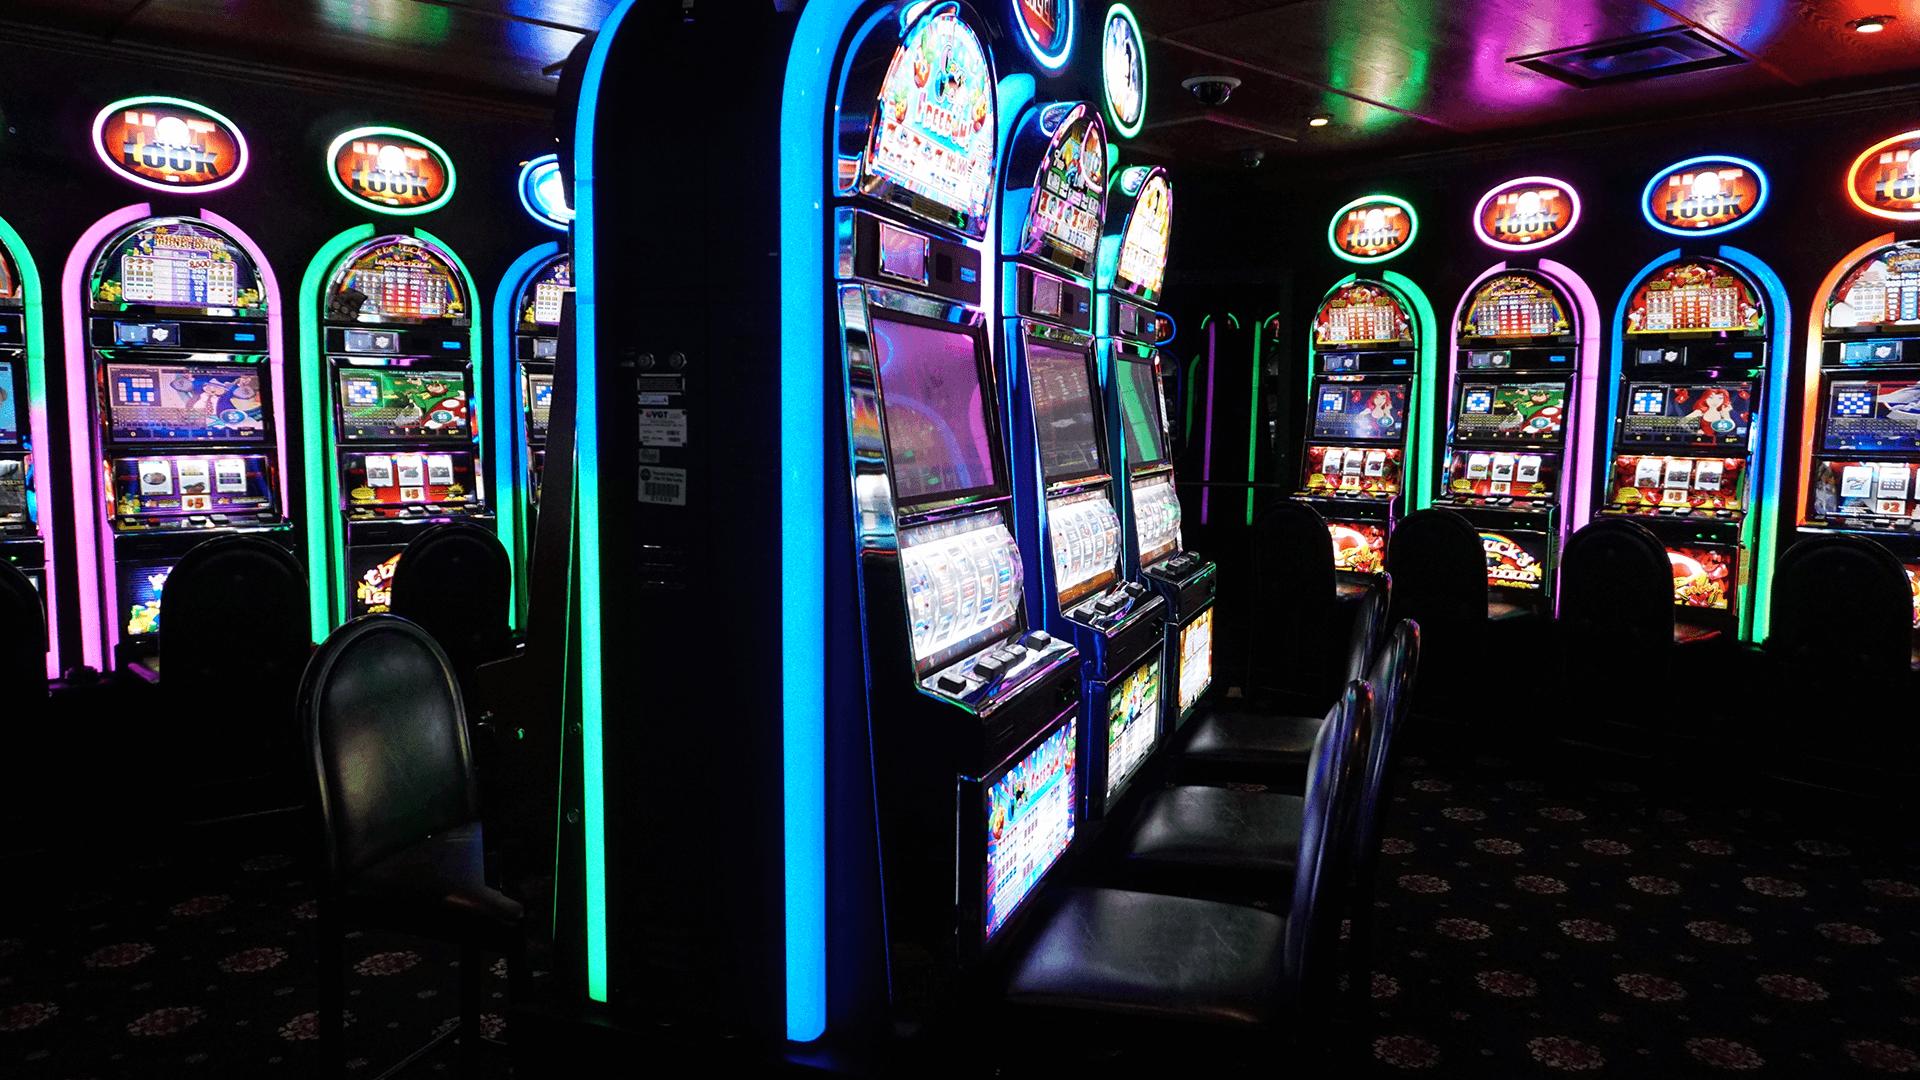 Казино 777 играть онлайн бесплатно superomatic игровые автоматы играть бесплатно